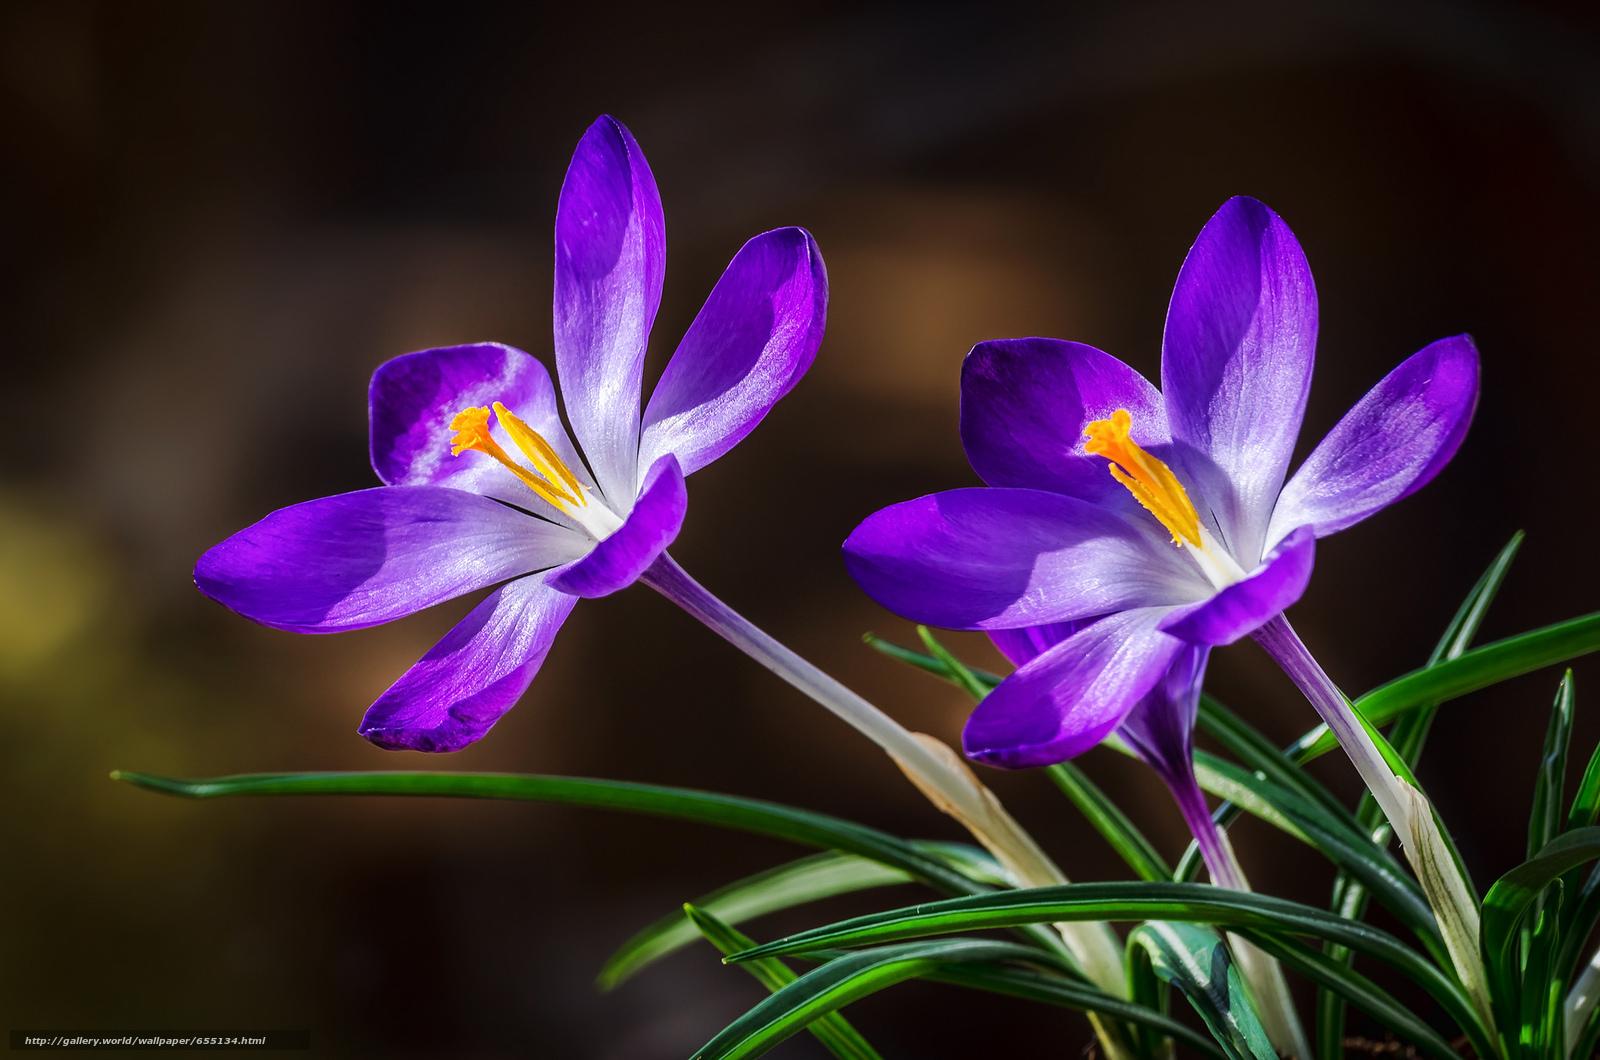 Скачать обои Crocuses,  крокусы,  цветы,  флора бесплатно для рабочего стола в разрешении 2048x1357 — картинка №655134